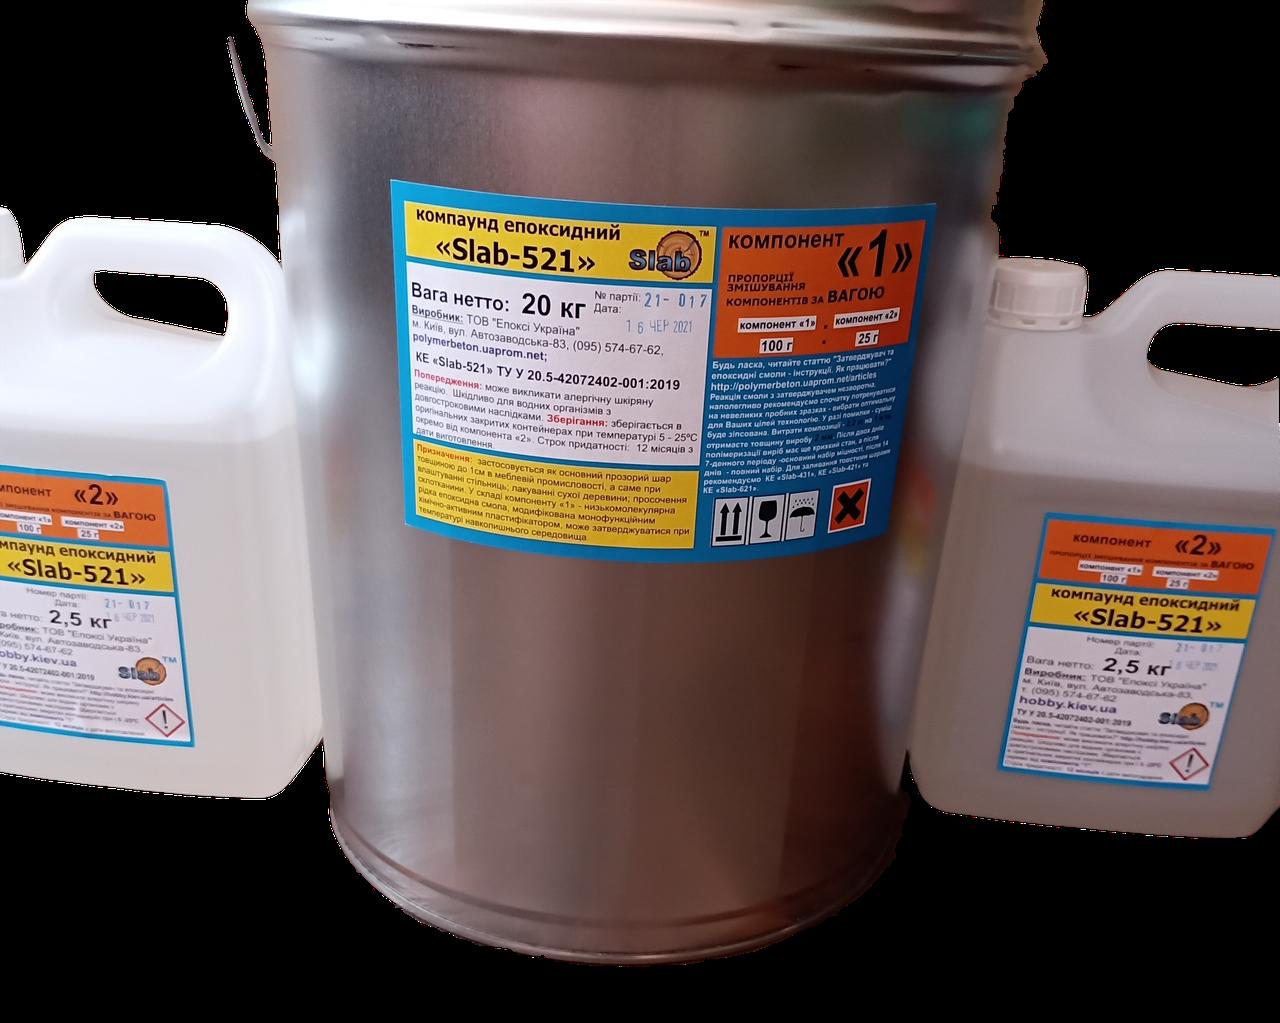 Епоксидна смола КЕ «Slab-521» вага 12,5 кг.